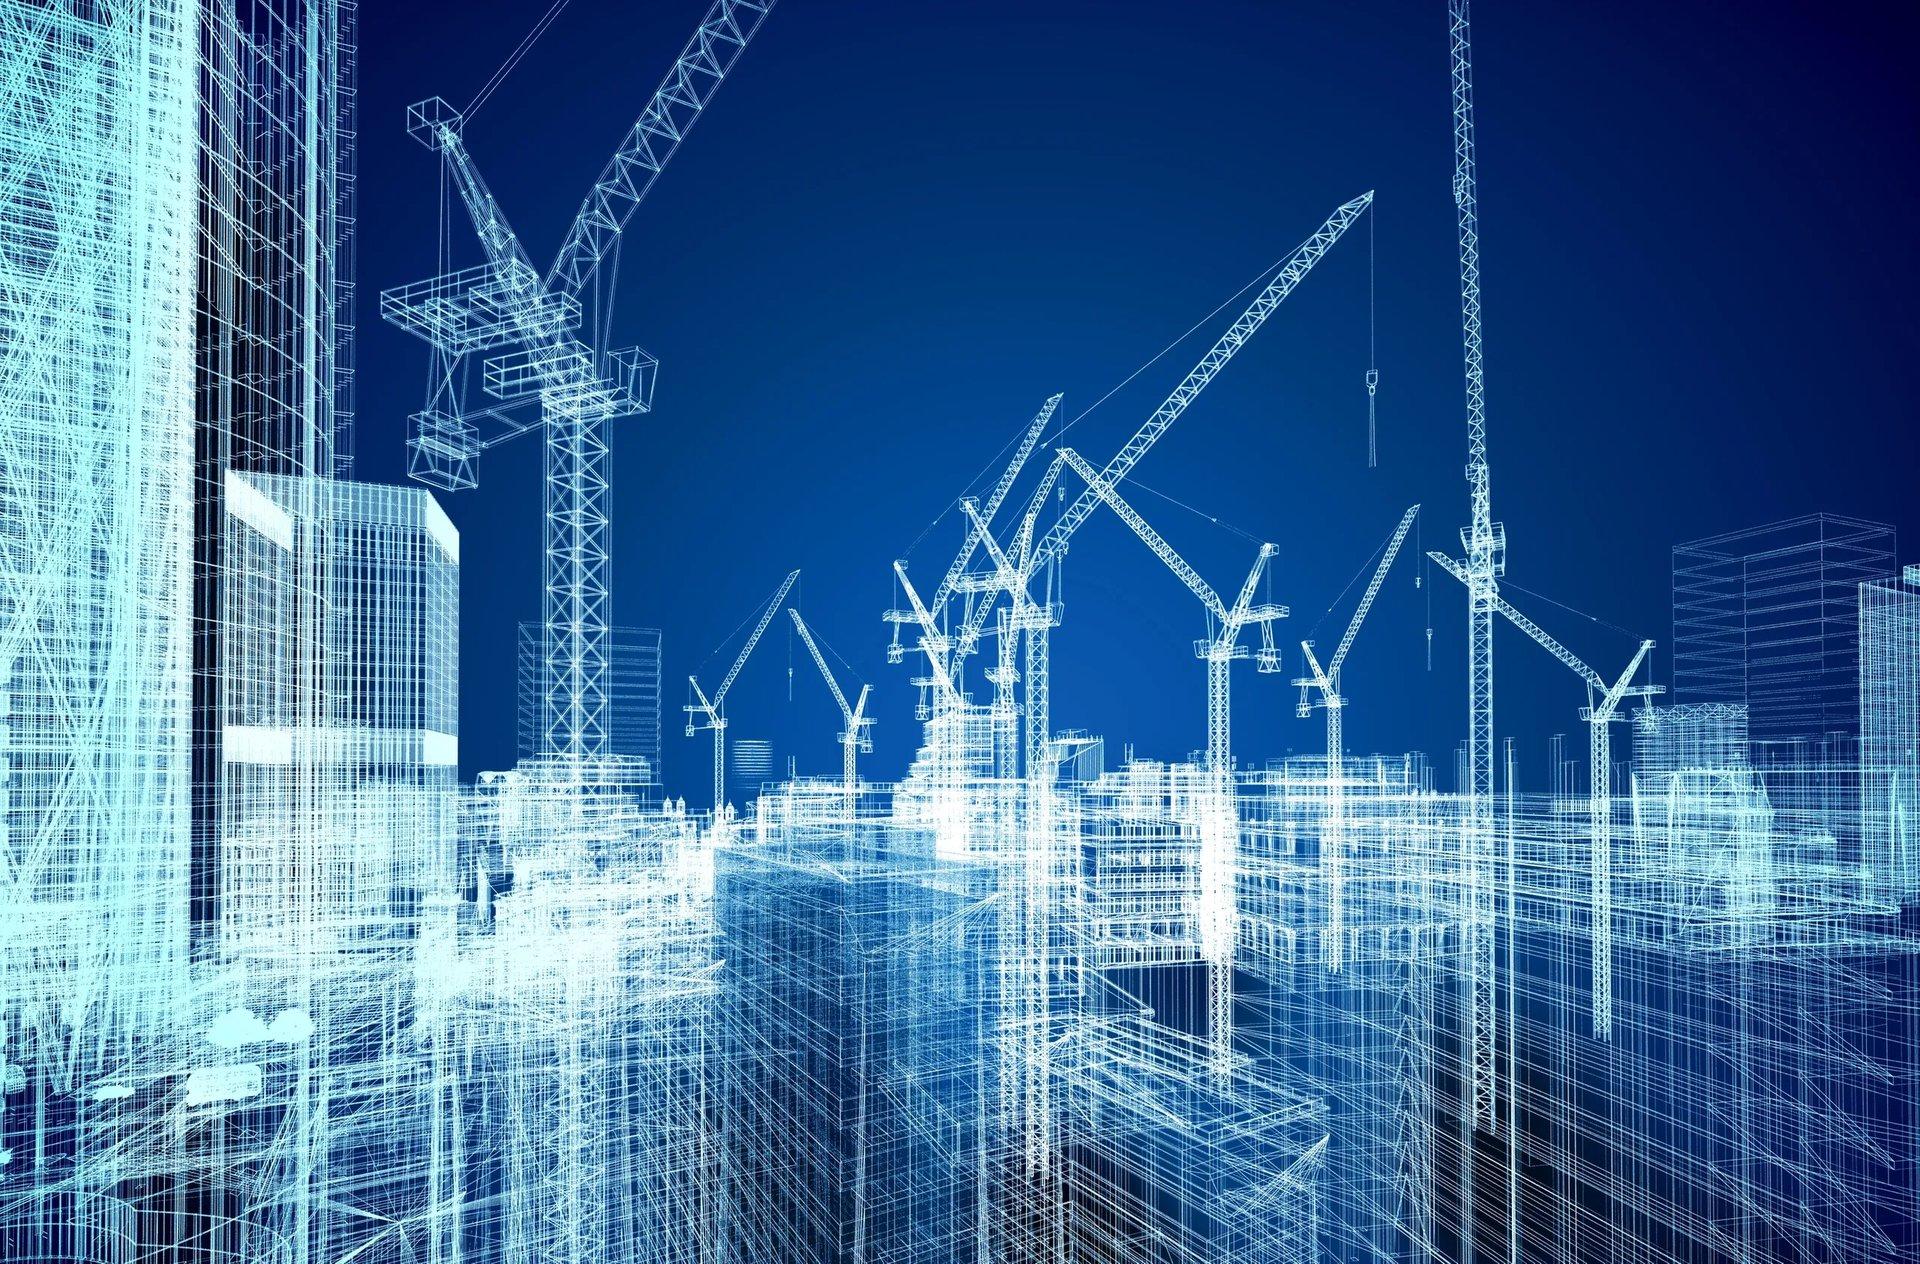 картинки хорошего качества строительство